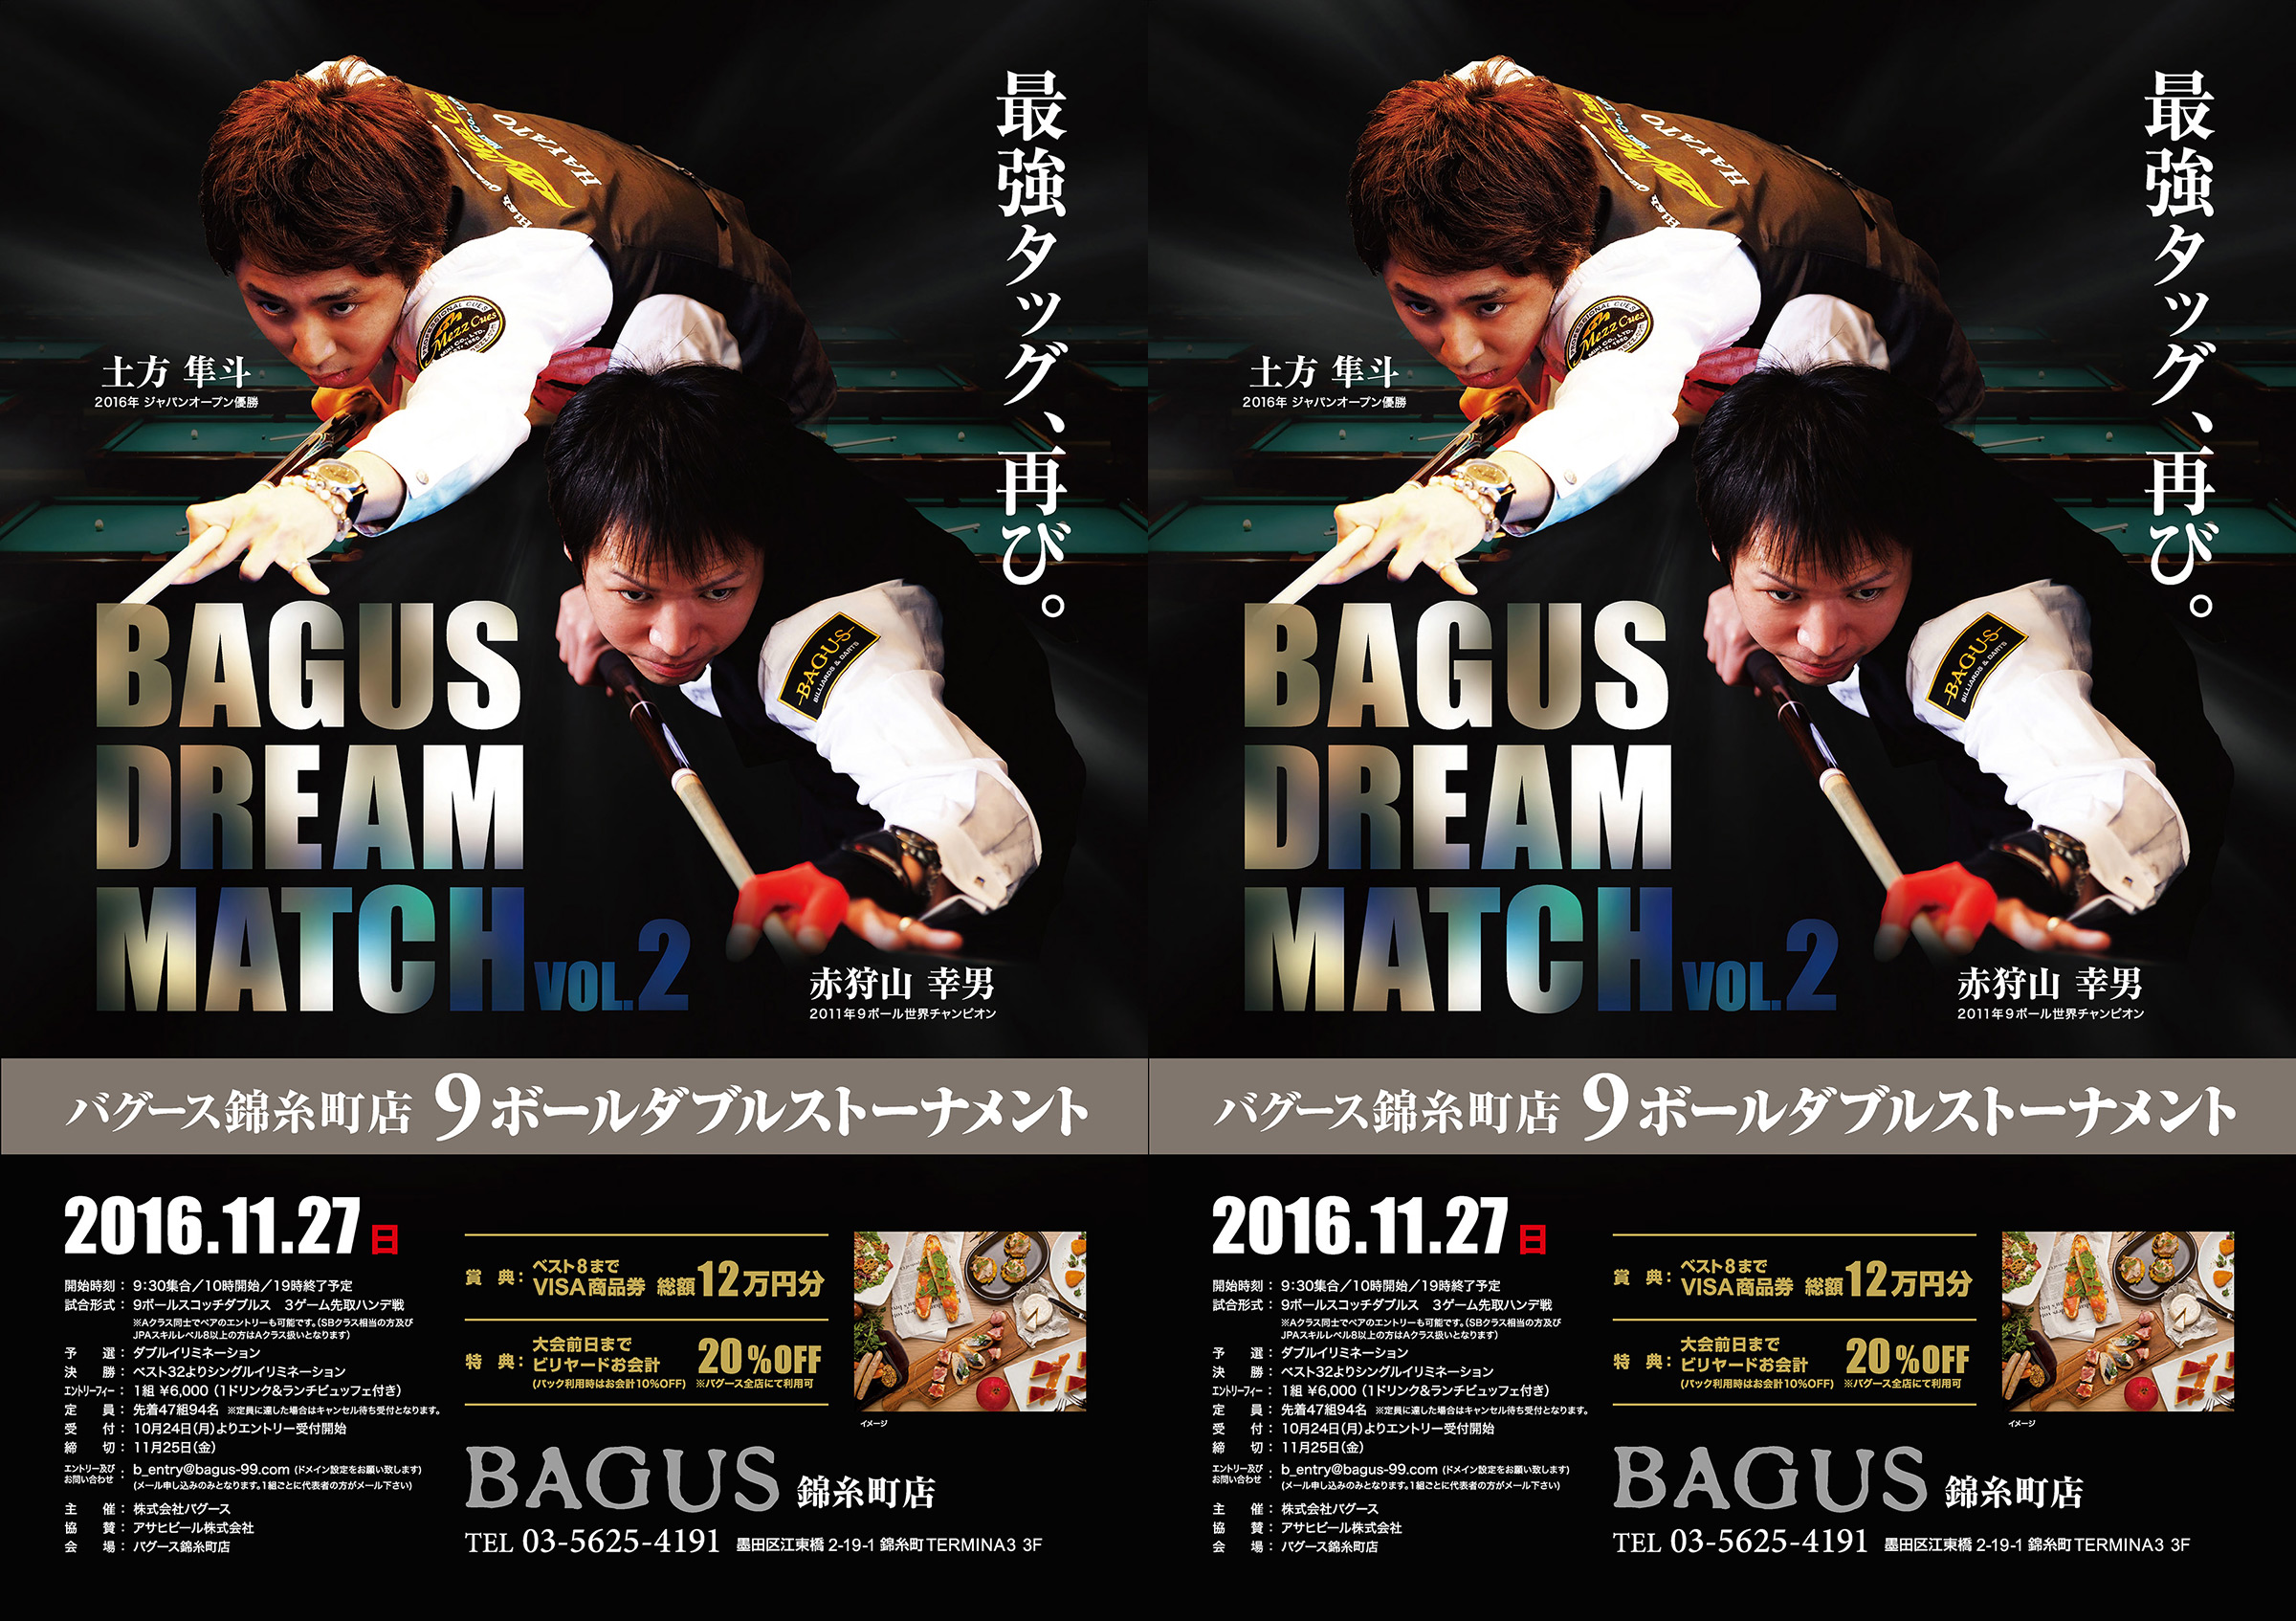 b-knsc_dream1611-yoko